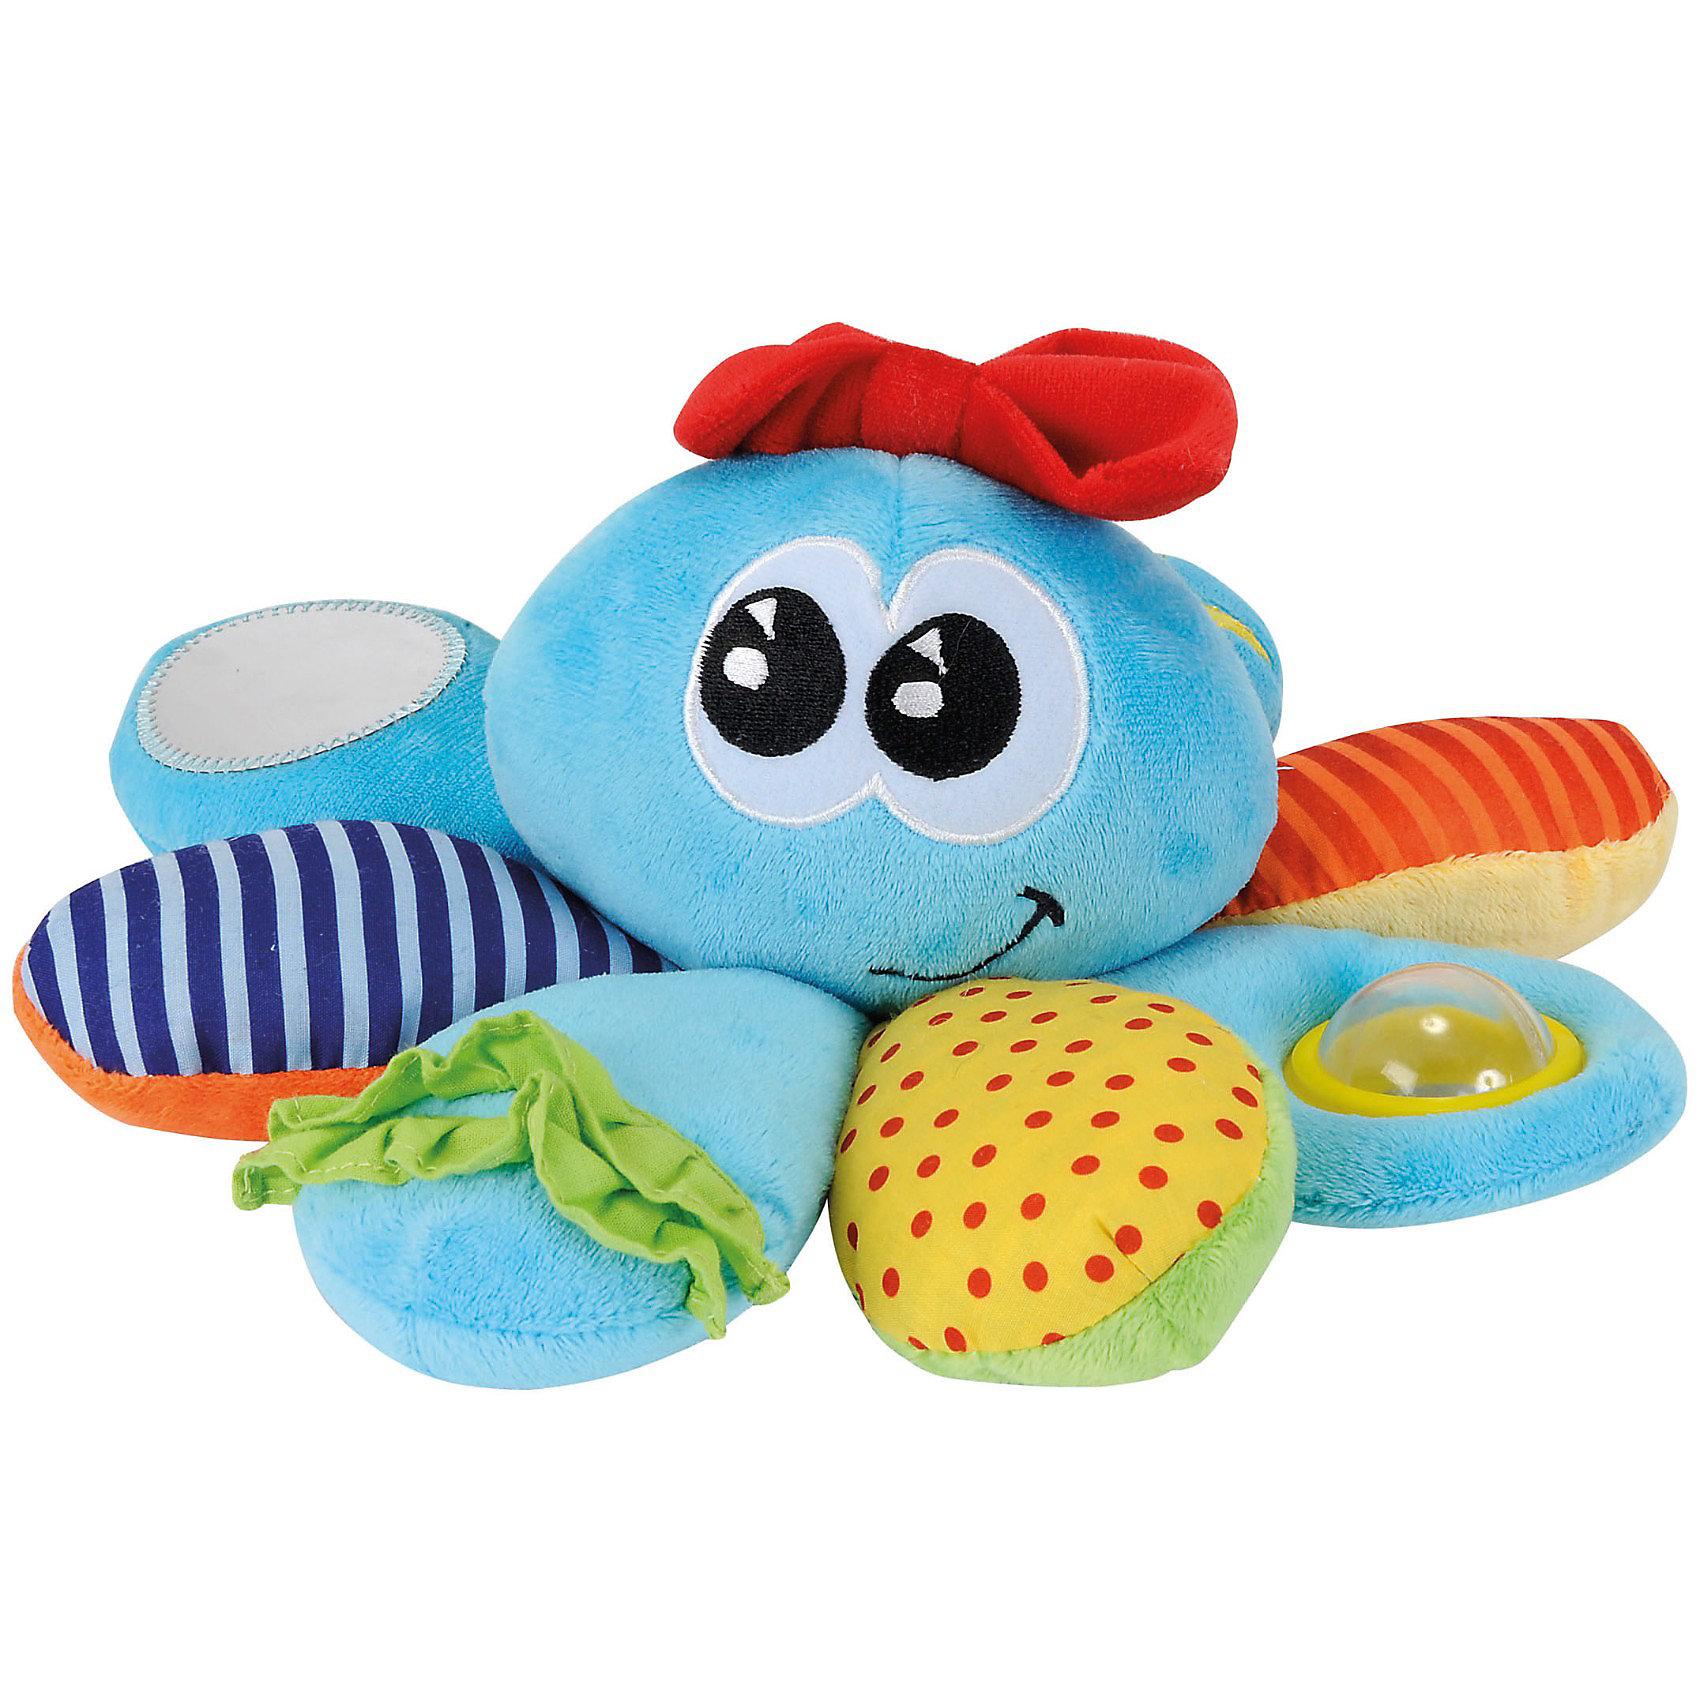 Осьминожка с различными деталями, 20 см, SimbaРазвивающие игрушки<br>Осьминожка с различными деталями, 20 см, Simba (Симба). <br><br>Характеристика:<br><br>• Материал: текстиль, пластик.     <br>• Размер: 20 см.<br>• Яркий привлекательный дизайн. <br>• Изготовлена из материалов различных фактур. <br>• Безопасное зеркальце, фольга, погремушка. <br><br>Развивающая игрушка для малыша используется с первых дней его рождения. Мягкая и приятная на ощупь, игрушка Simba в виде осьминожки изготовлена из разнотекстурных материалов. Наличие зеркальца, погремушки, шуршащих и шелестящих элементов развивают слух крохи, привлекают его внимание новыми звуками. Комбинирование кусочков разной ткани позволяет развить мелкую моторику детских ручек.<br><br>Осьминожку с различными деталями, 20 см, Simba (Симба), можно купить в нашем интернет-магазине.<br><br>Ширина мм: 250<br>Глубина мм: 230<br>Высота мм: 124<br>Вес г: 168<br>Возраст от месяцев: 0<br>Возраст до месяцев: 36<br>Пол: Унисекс<br>Возраст: Детский<br>SKU: 3176940